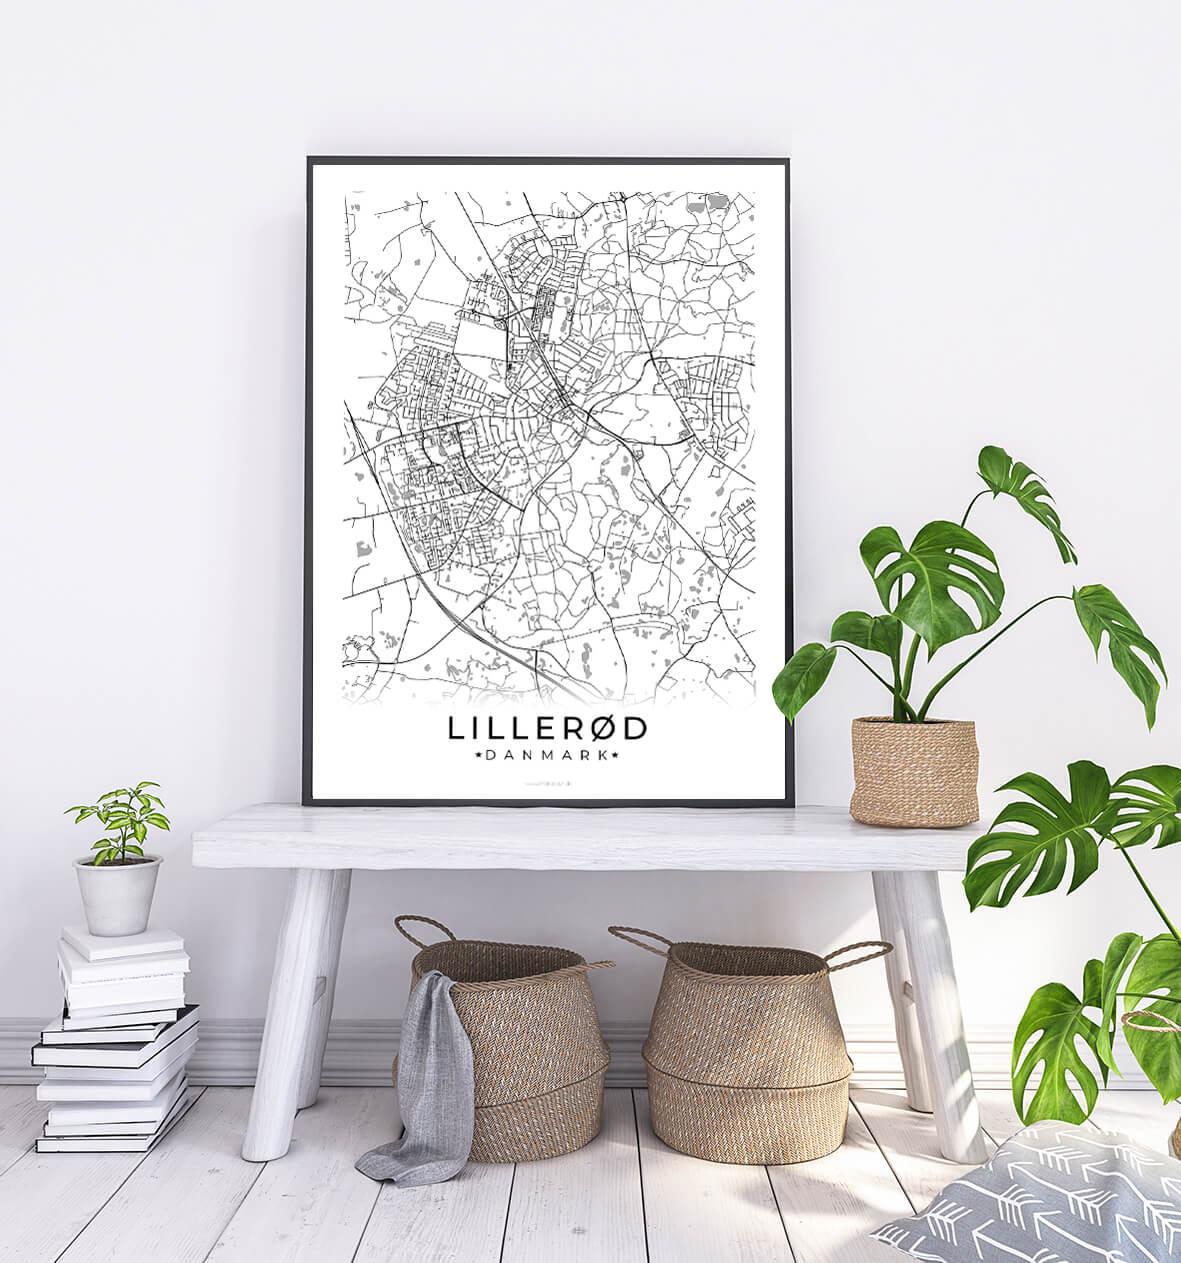 Lilleroed-hvid-byplakat-1